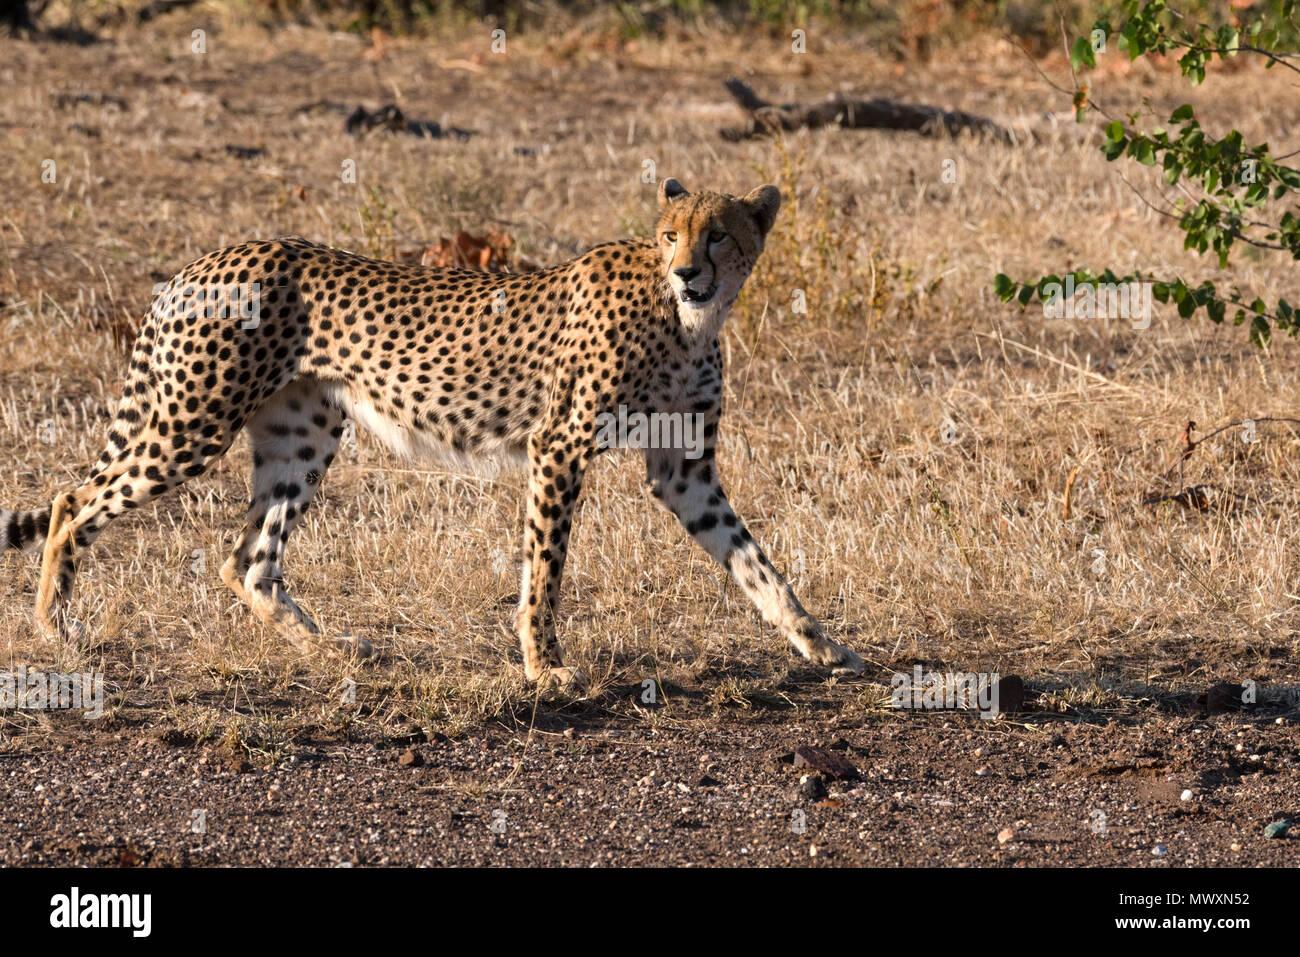 Female Cheetah at Mashatu Botswana - Stock Image